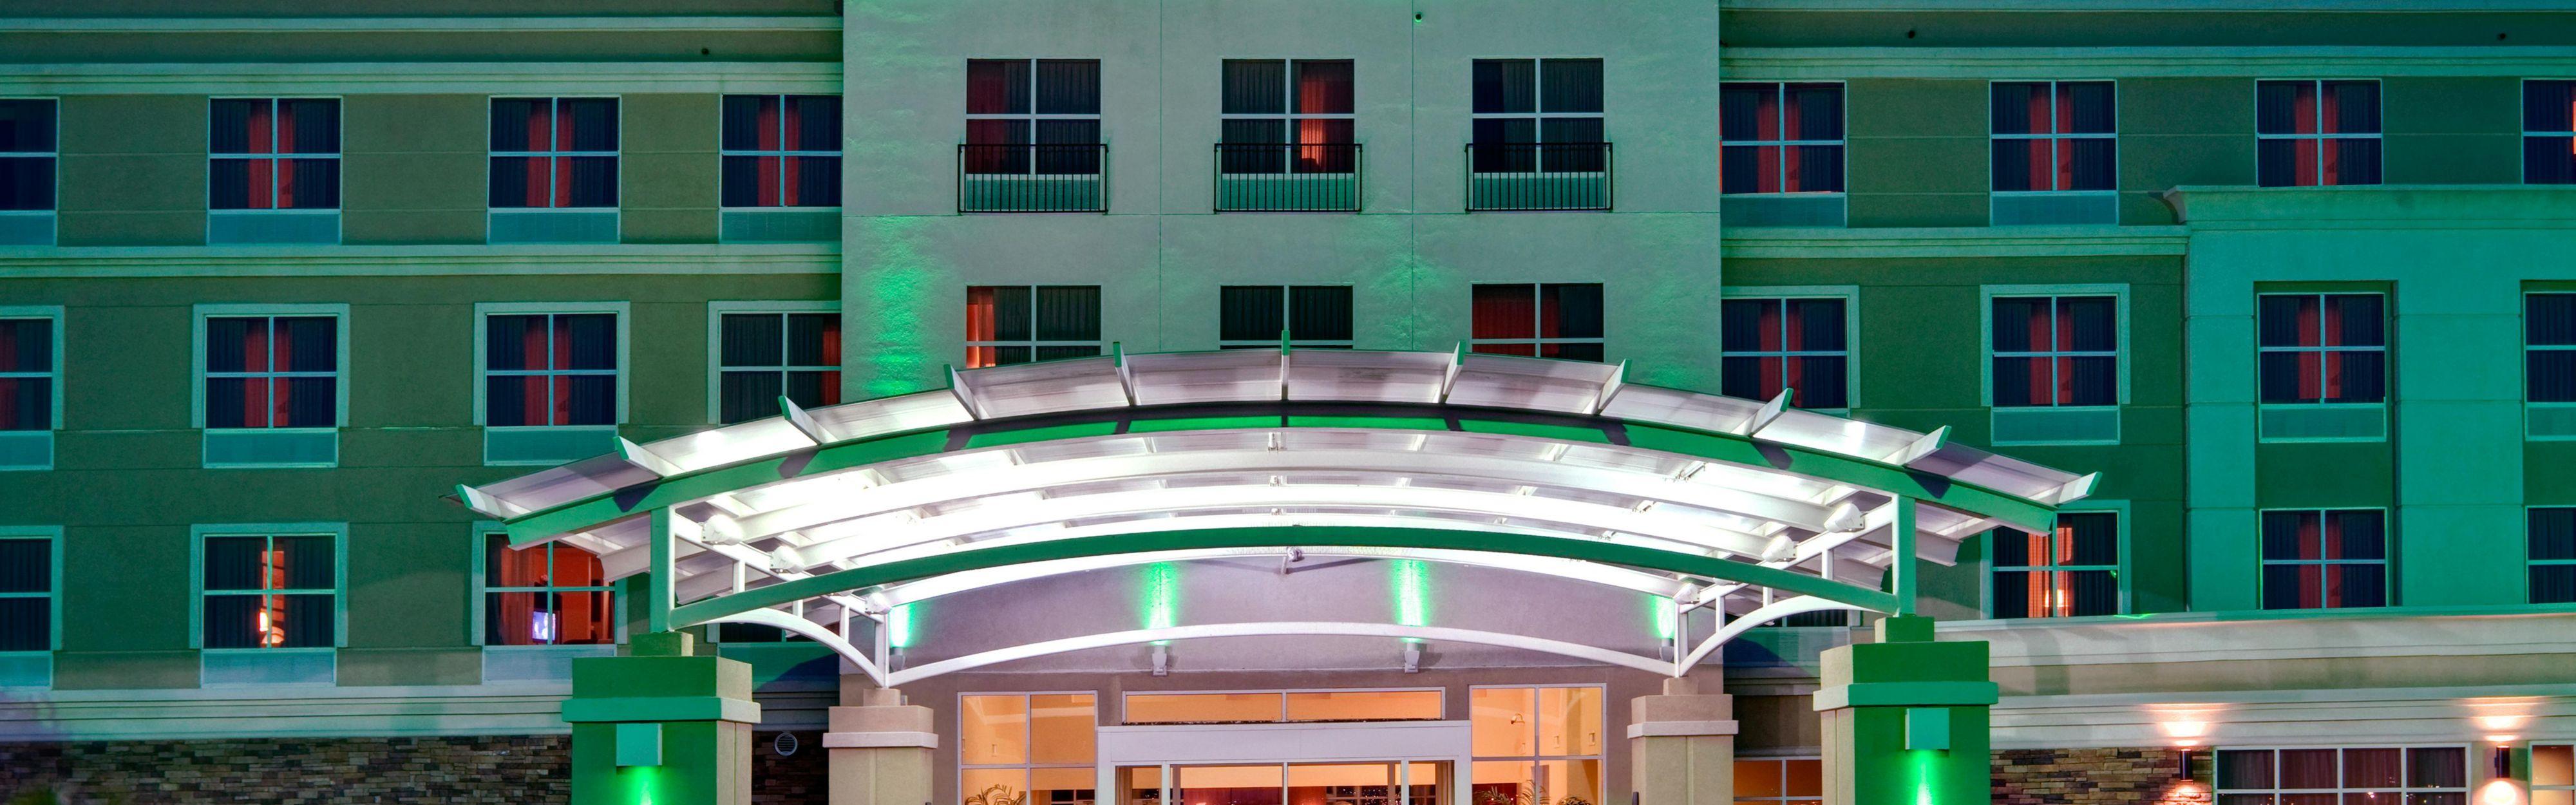 Holiday Inn Yuma image 0